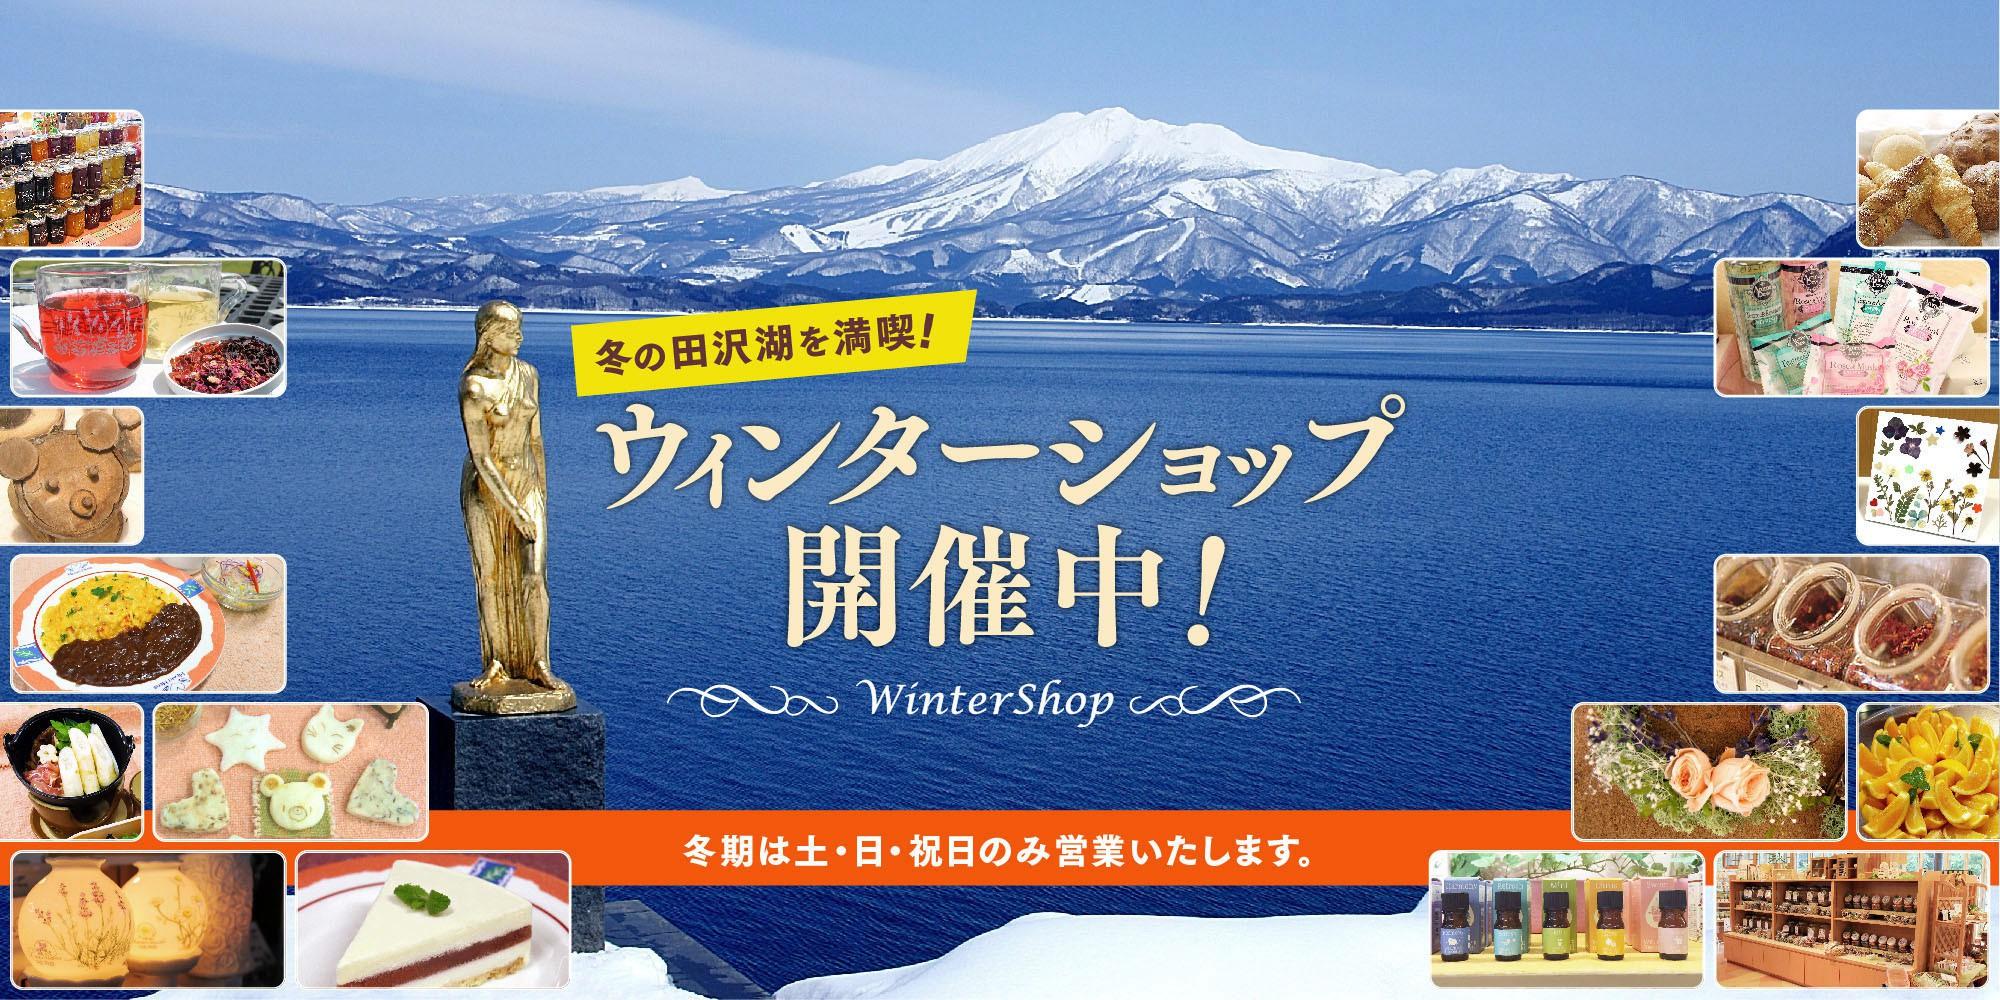 田沢湖ハーブガーデンハートハーブ